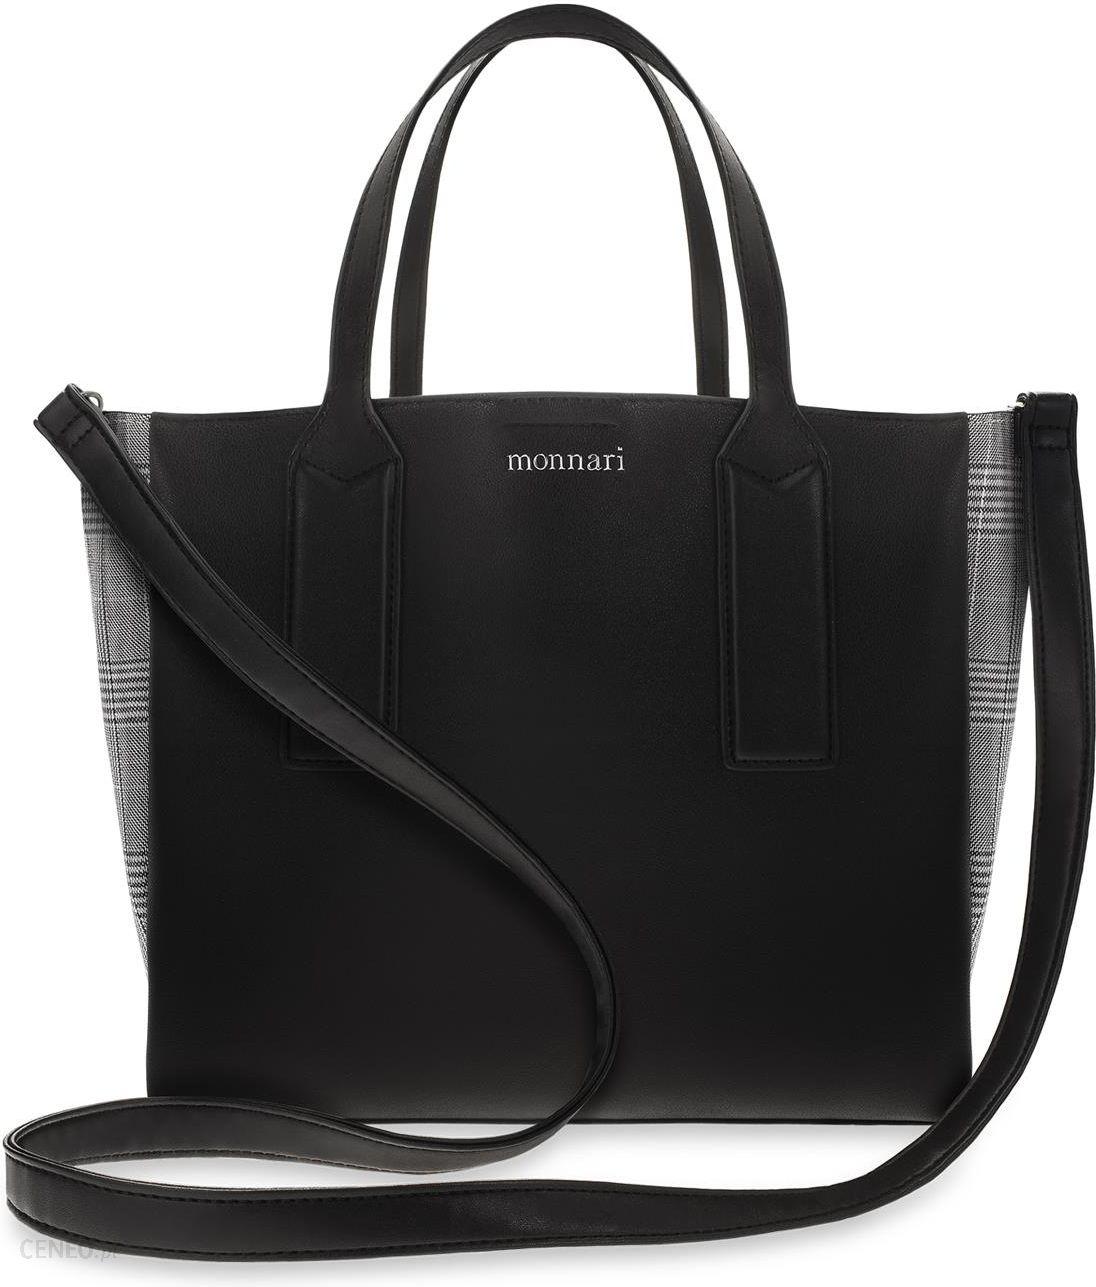 Monnari Torebka damska shopper worek BAG 0870 czarny zielone lampasy pasek